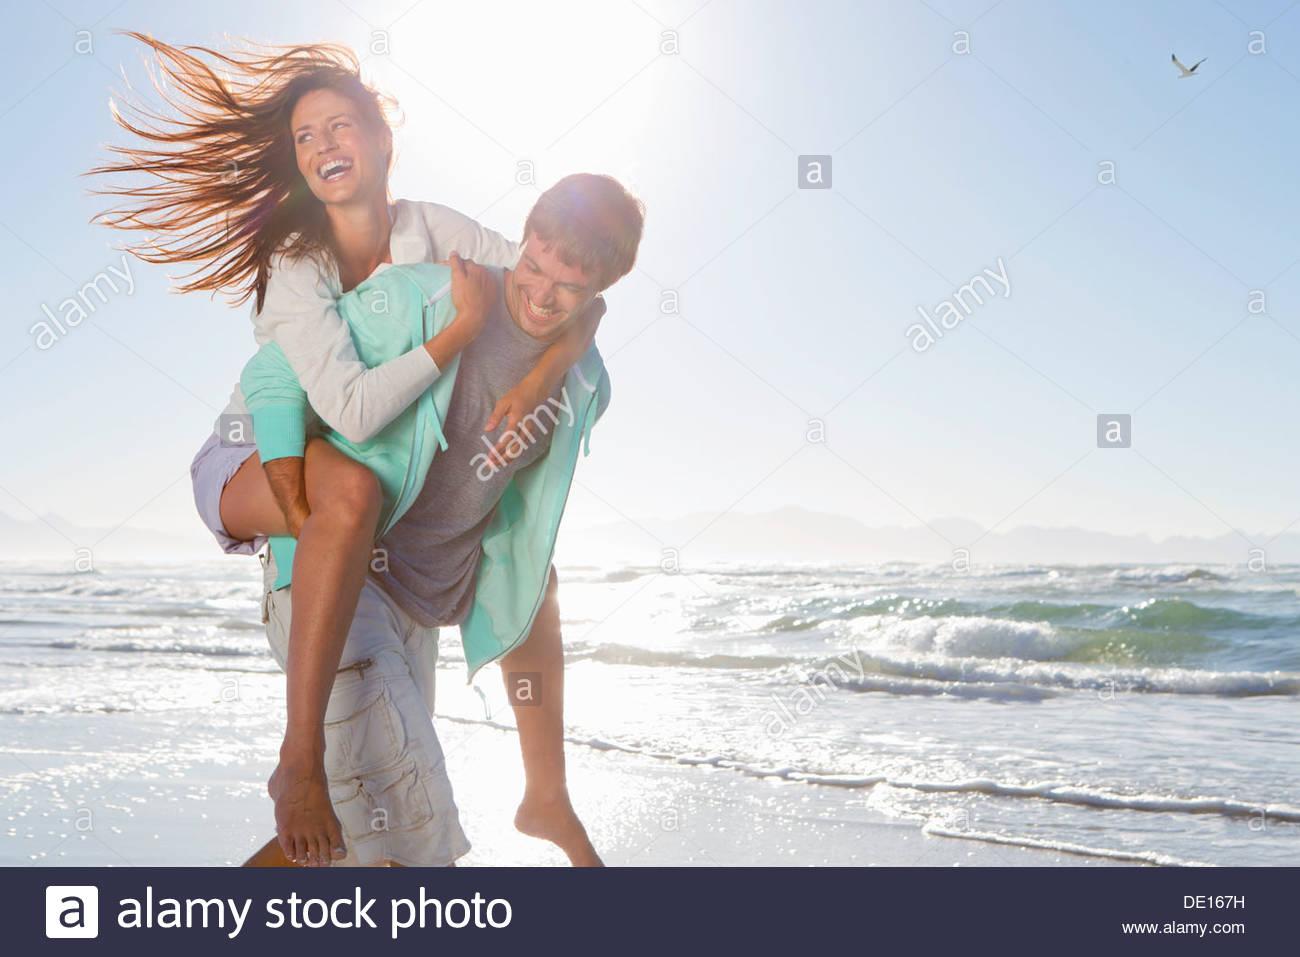 Mann Huckepack begeisterte Frau am Sonnenstrand Stockbild